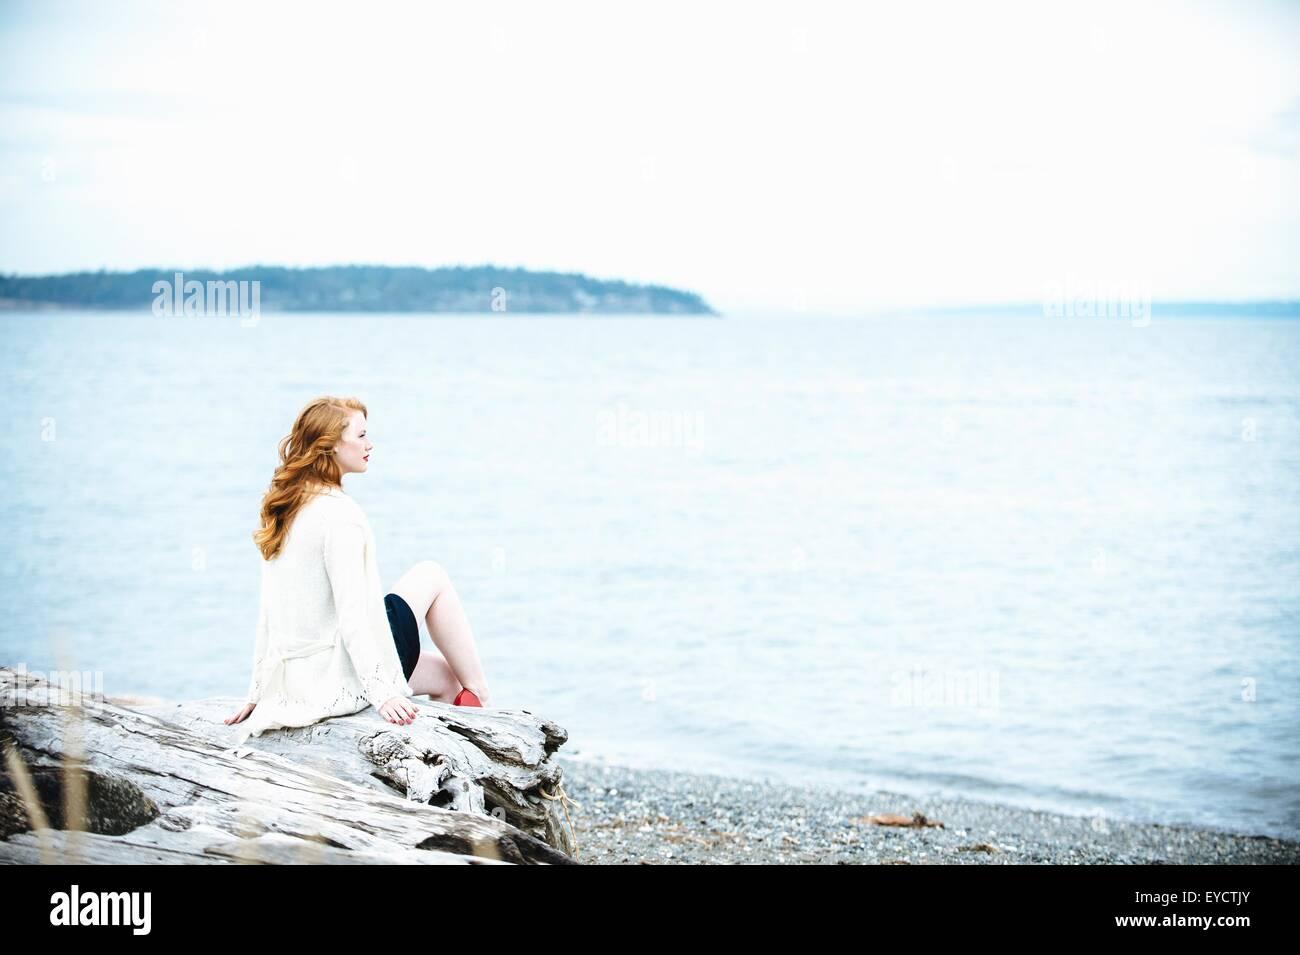 Jeune femme assise sur la plage face à la mer, Bainbridge Island, Washington State, USA Banque D'Images